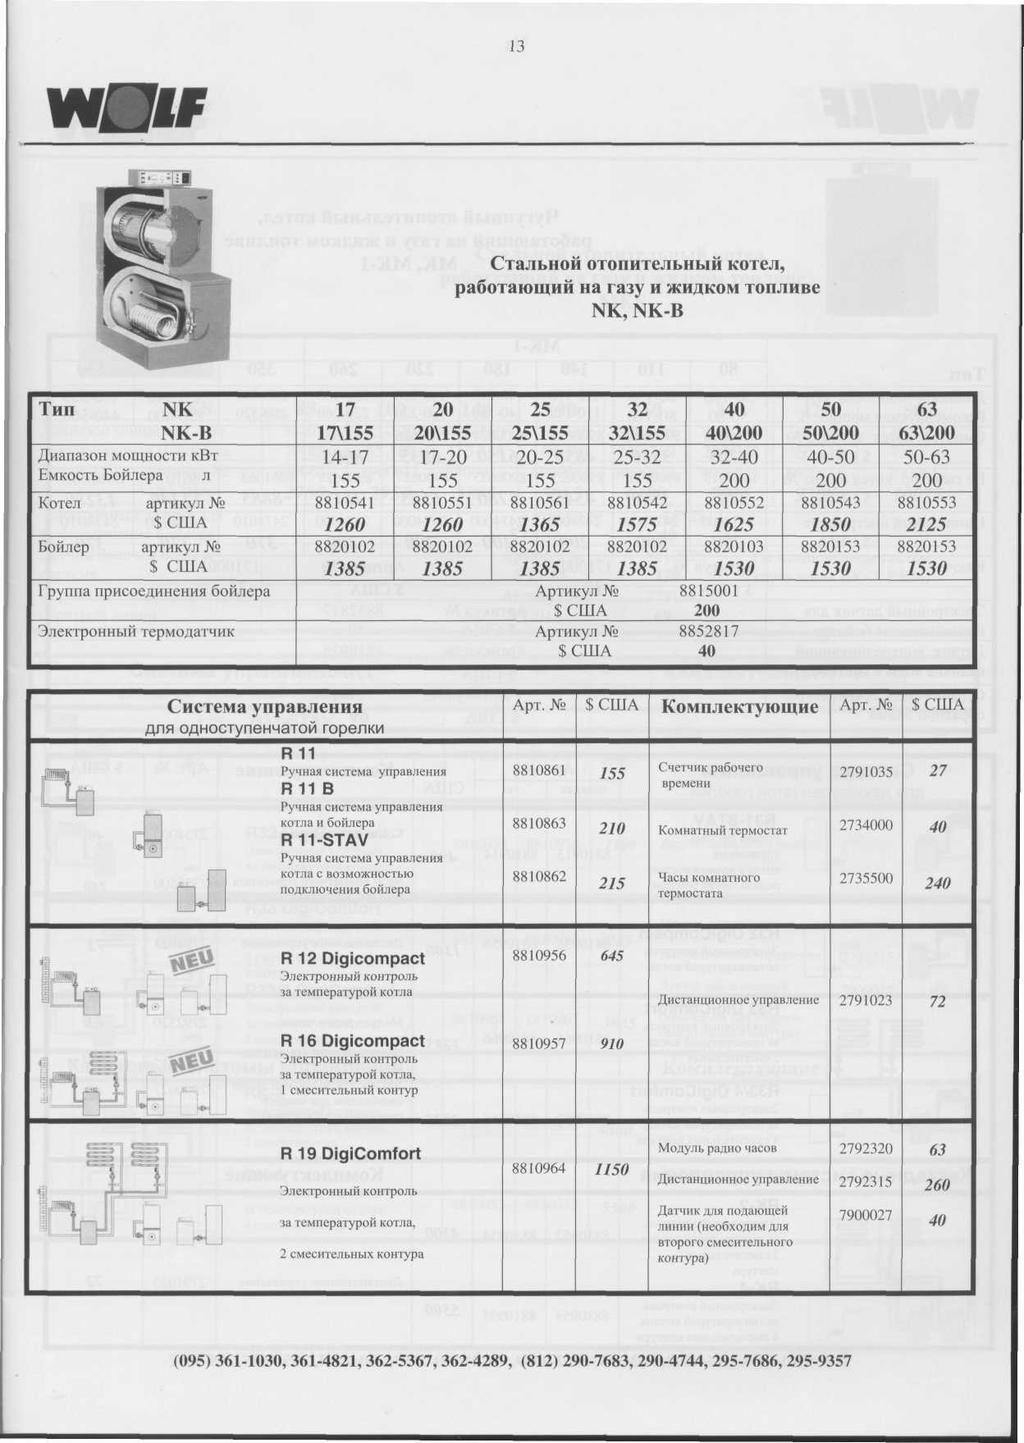 Голицынский 7 издание учебник онлайн 6848 google docs.